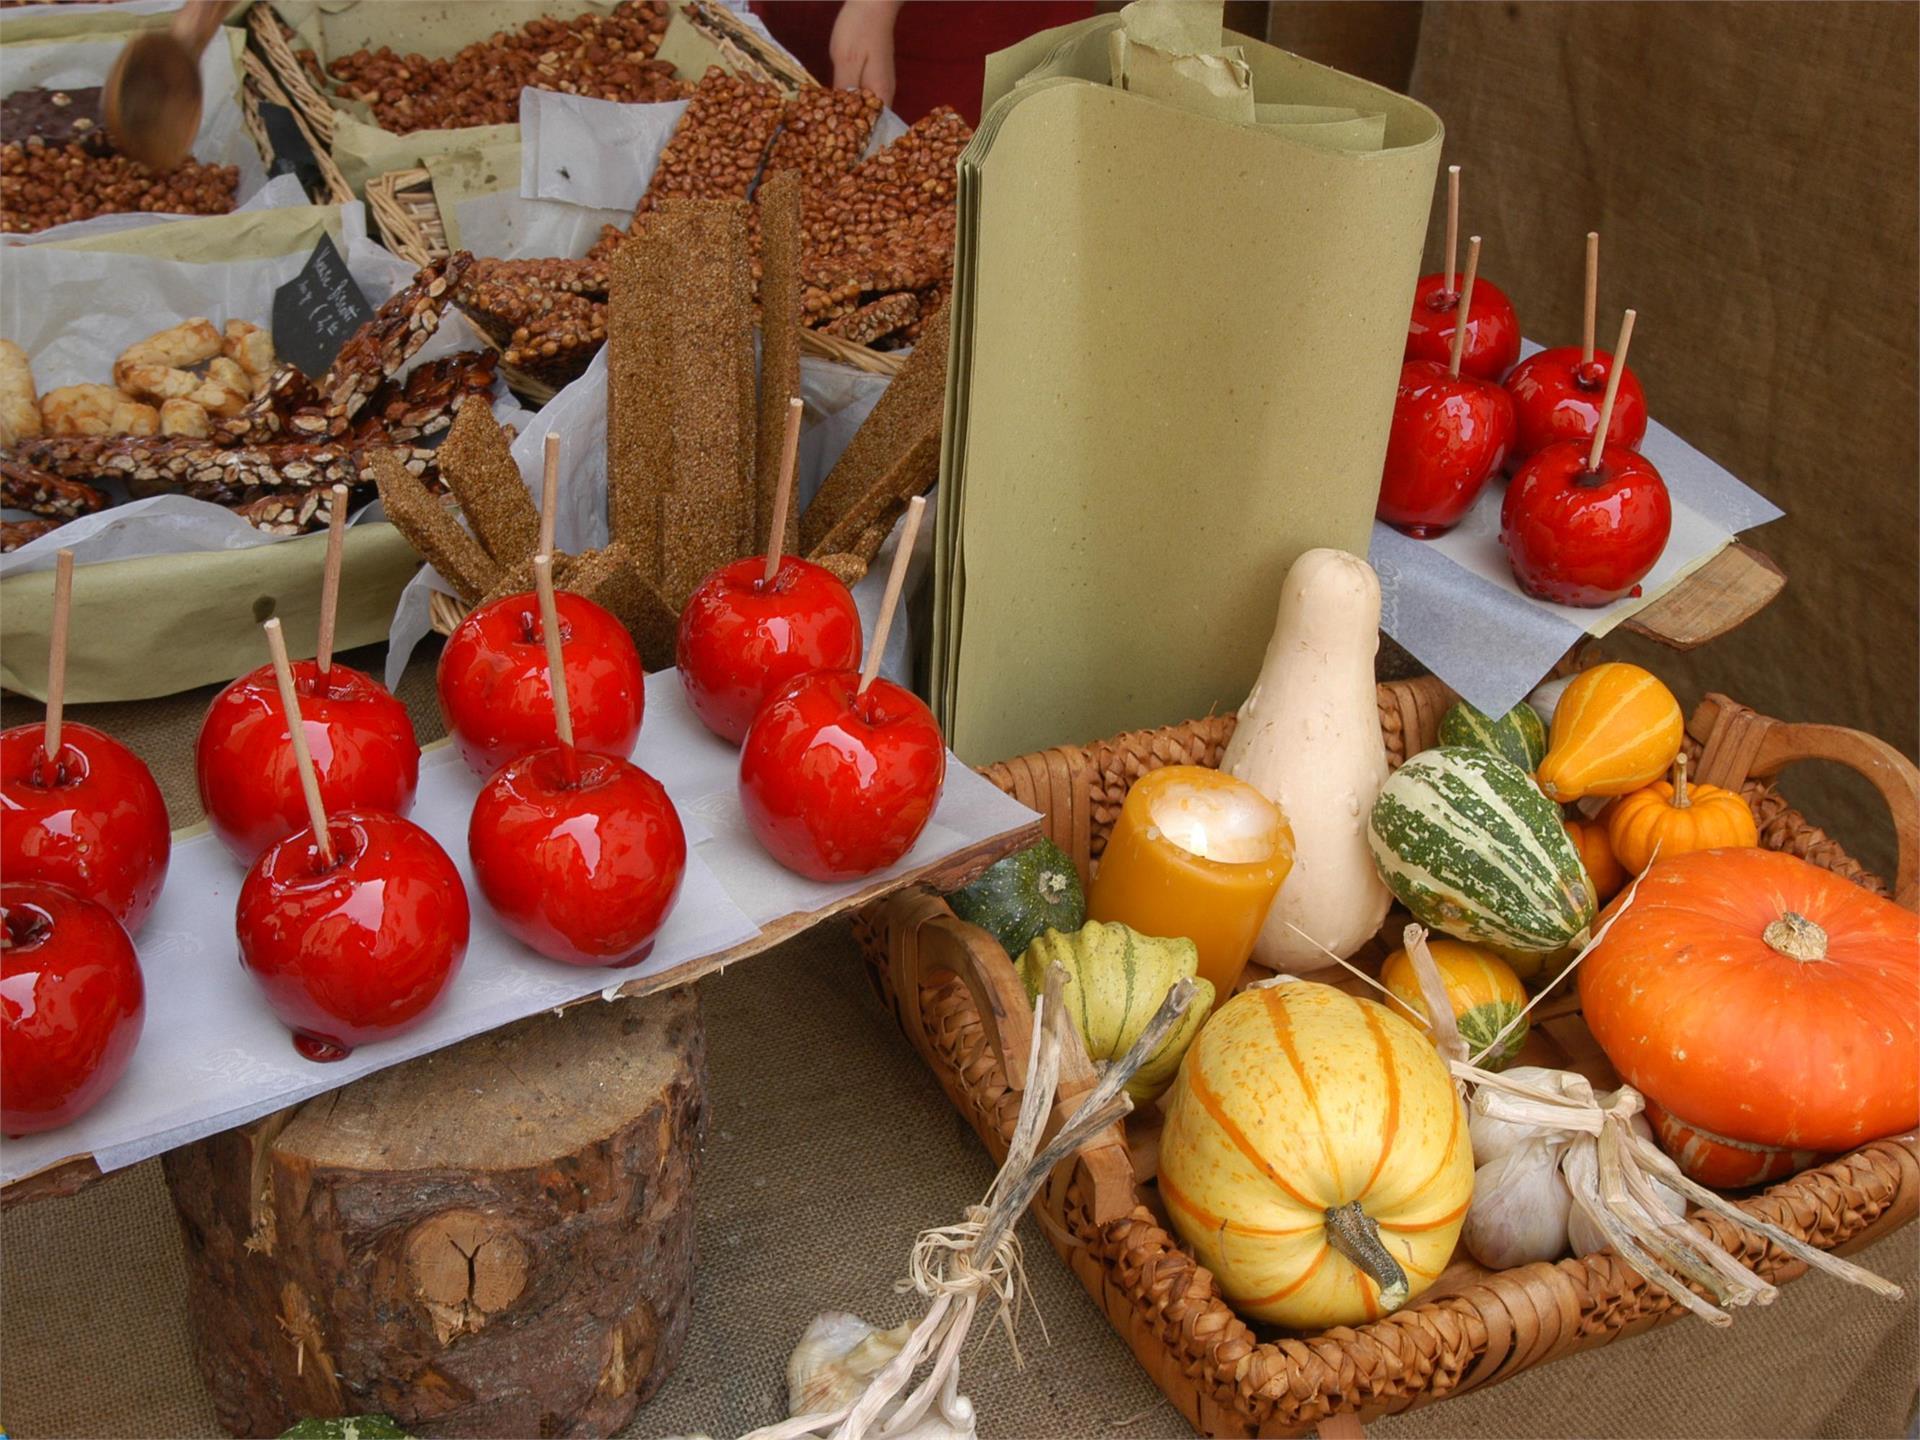 Mercatini sotto i portici: mercato variegato d'autunno